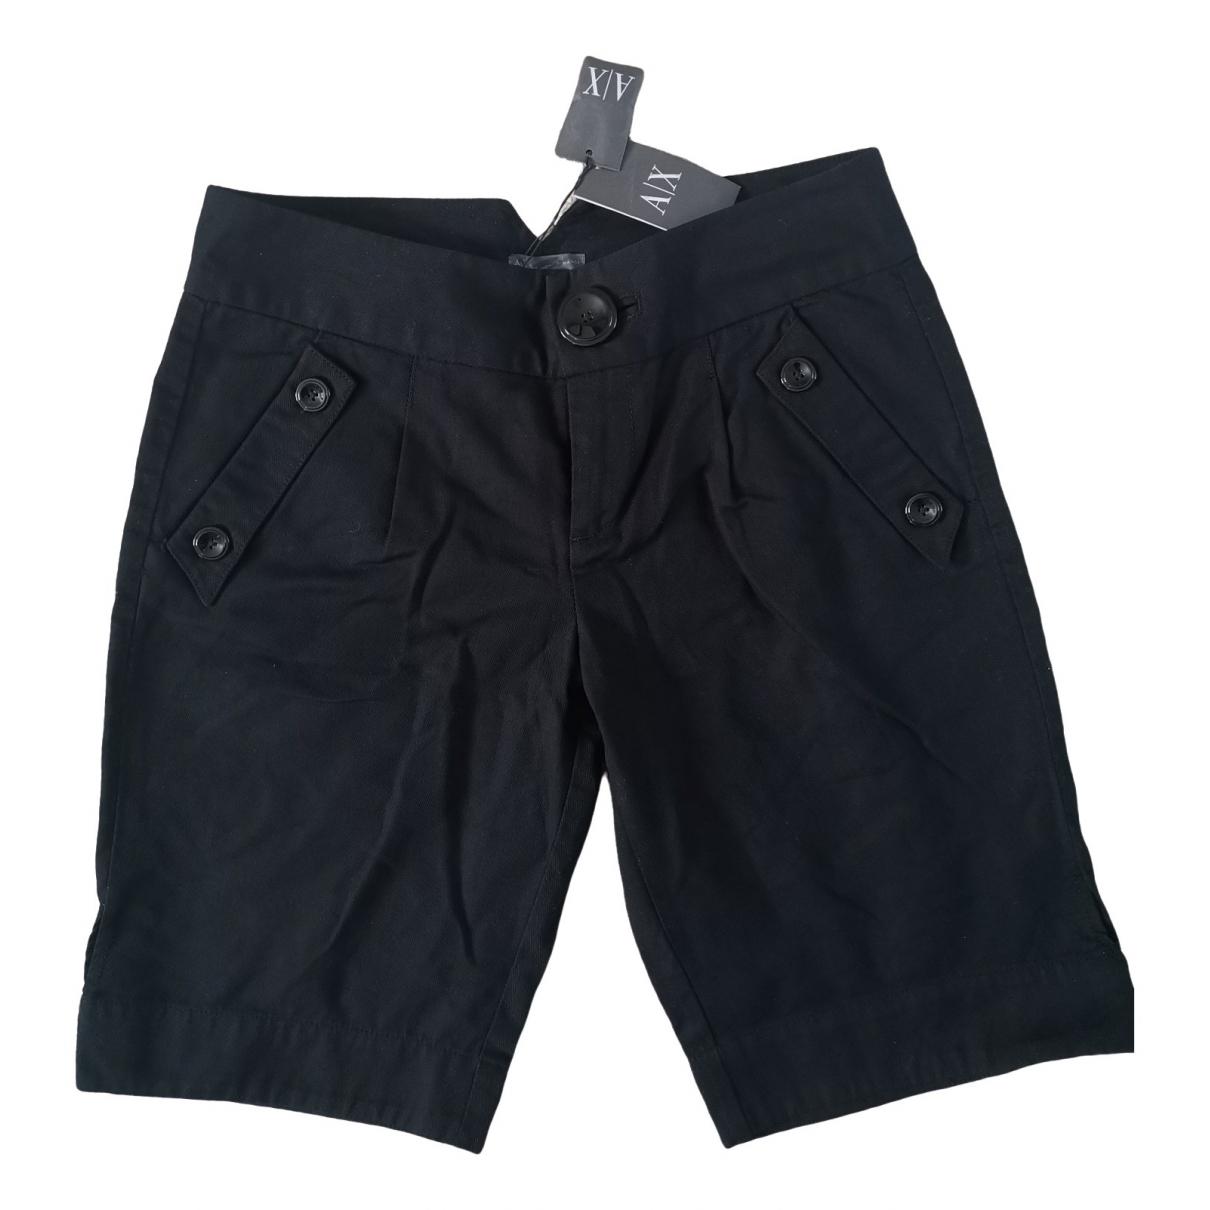 Emporio Armani \N Shorts in  Schwarz Baumwolle